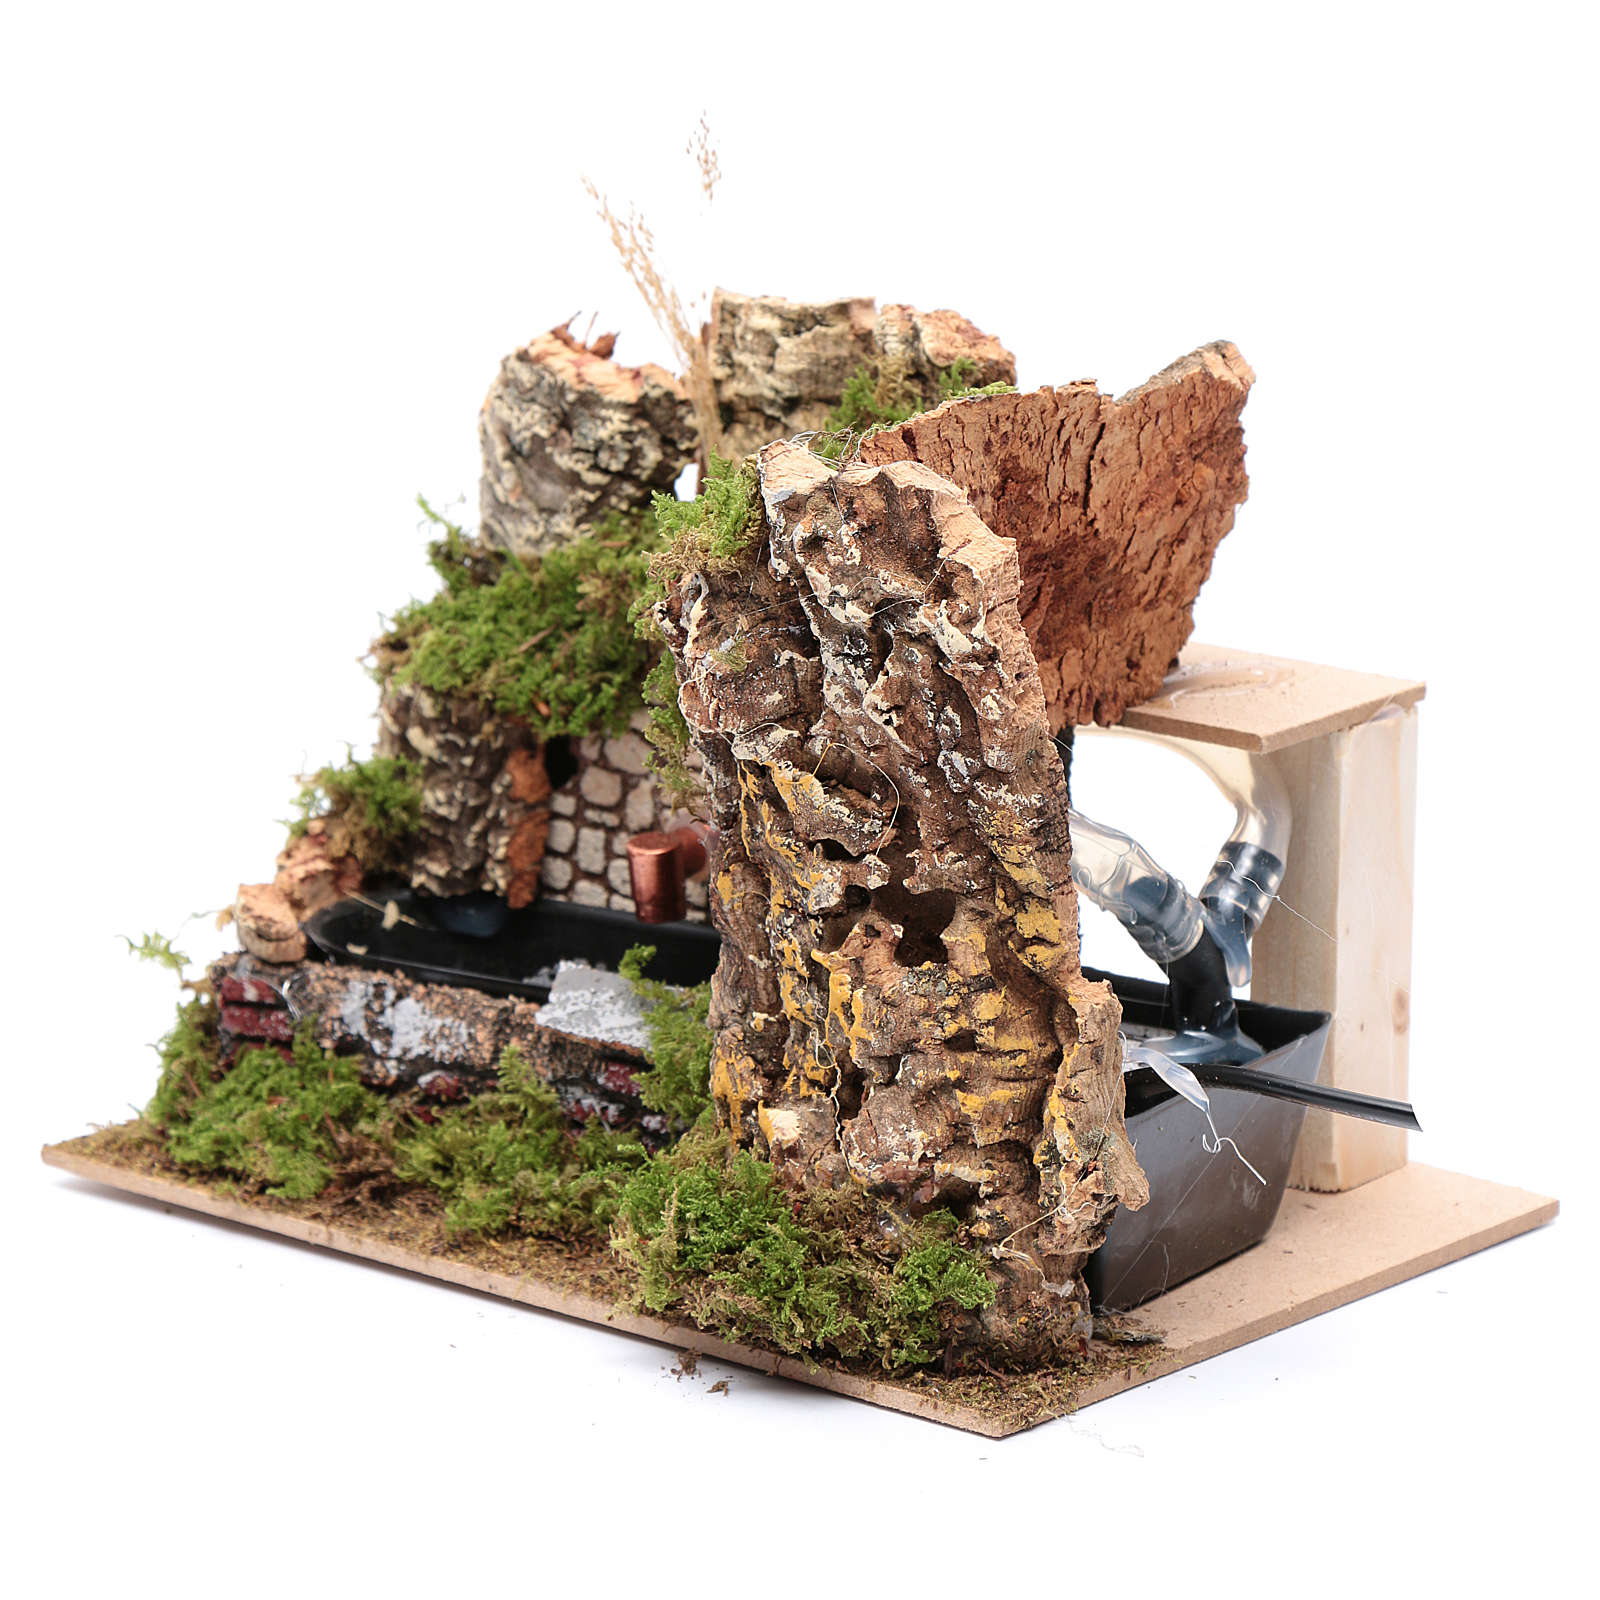 Ambientazione fontana con pompa e parete rocciosa 15x20x15 4